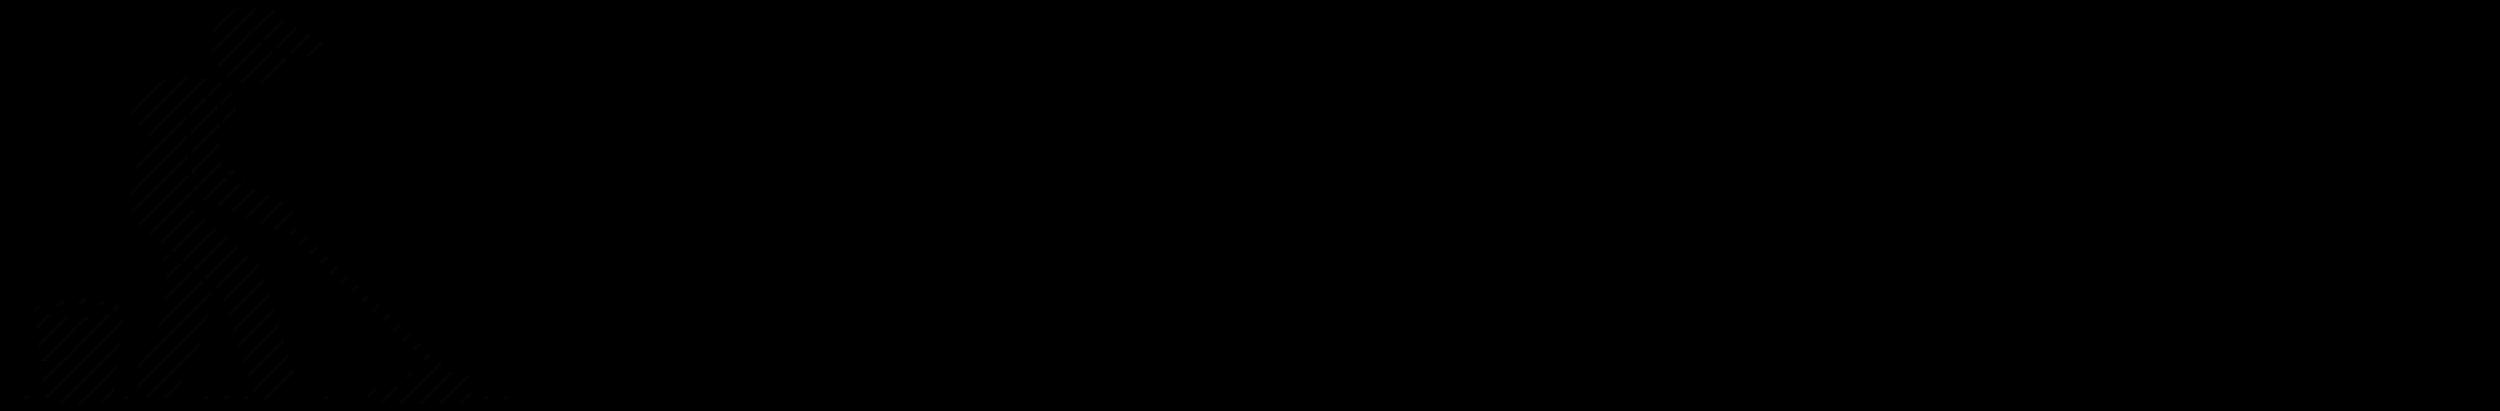 👷🏻✅💦Czyszczenie posadzek Katowice z gresu, betonu, cermiki, płytki ✅ 👷🏻betonowych, ✅mycie garaży, ✅mycie podłóg, ✅cennik, maszynowe, ✅ doczyszczanie,Śląsk, Katowice, Sosnowiec, Tychy, Mikołów, ✅czyszczenie hal przemysłowych śląsk